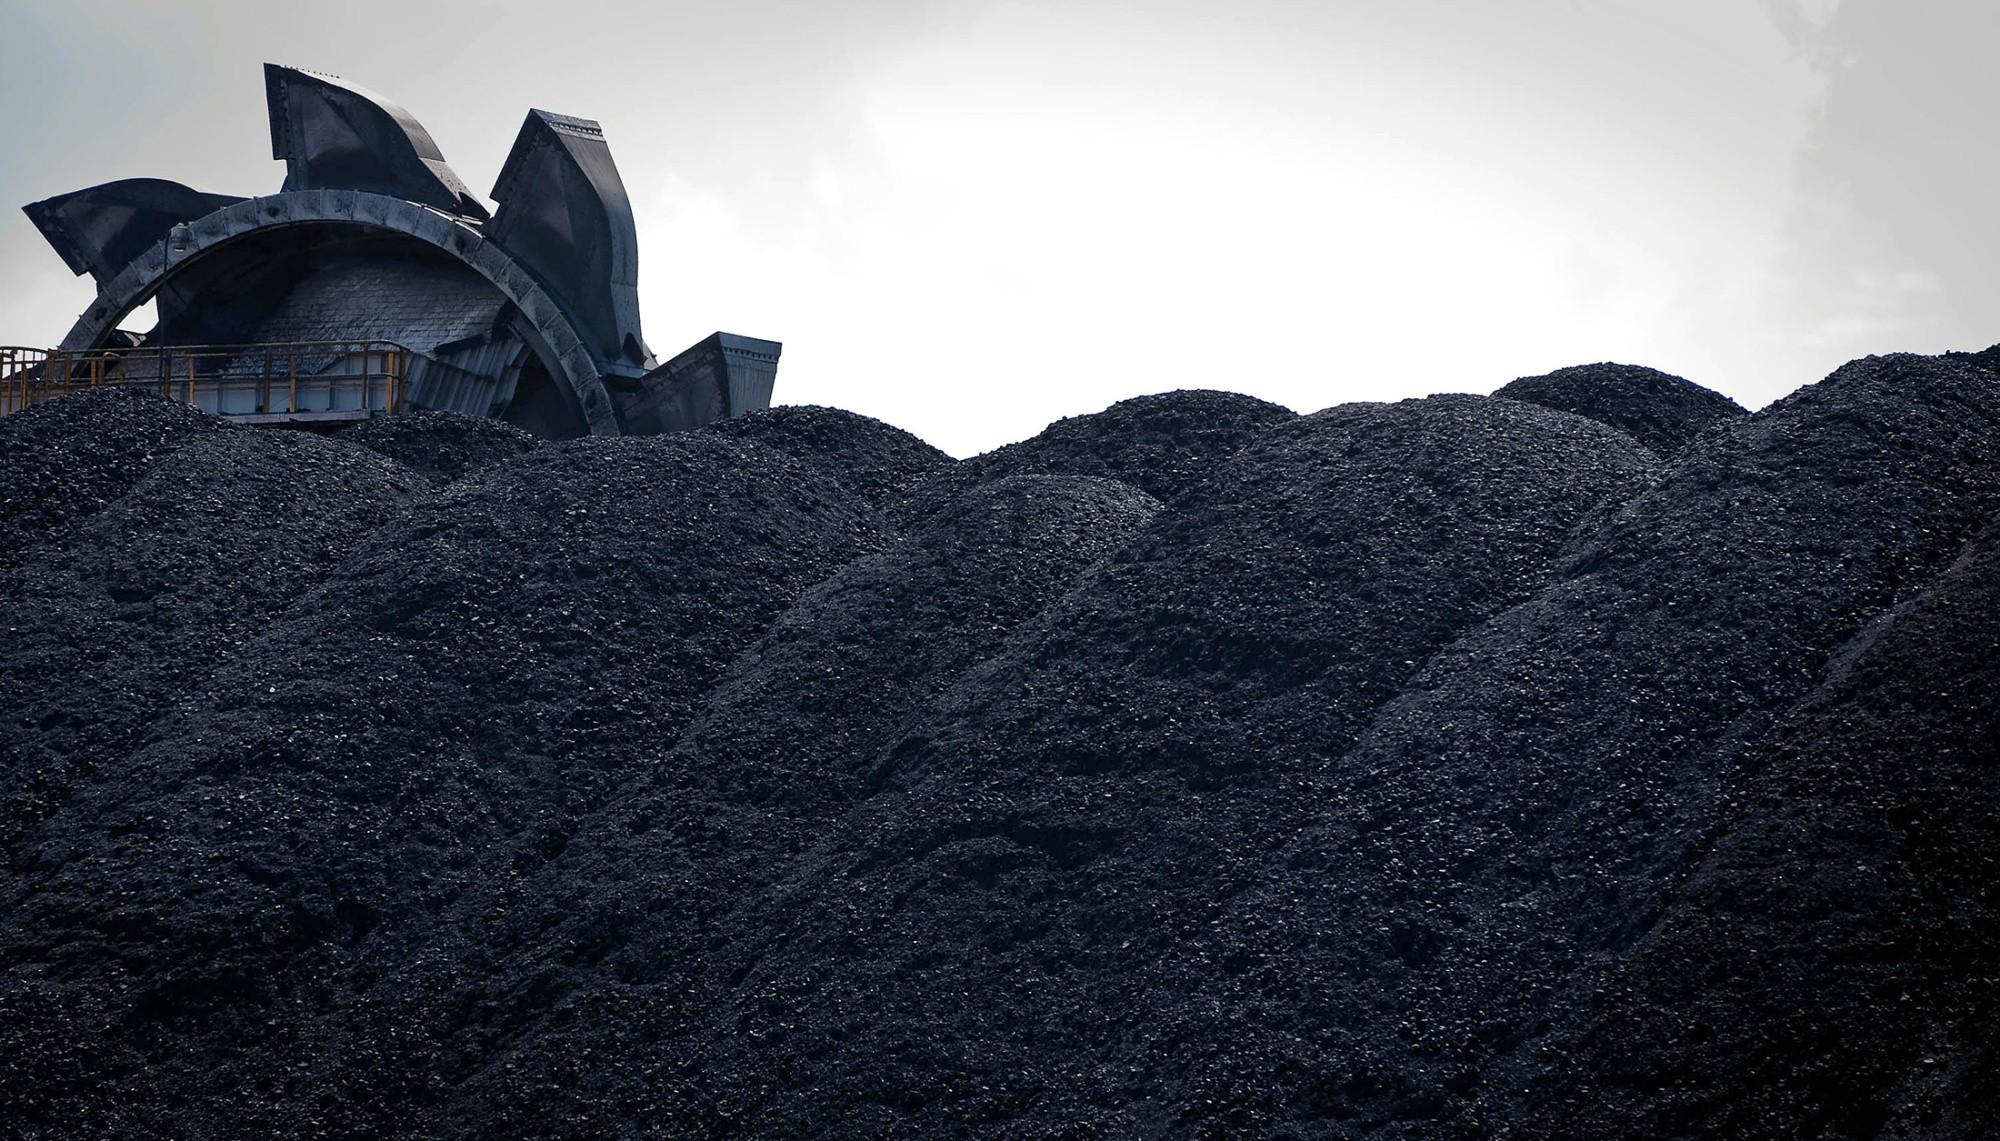 БНХАУ-ын шийдвэрийн улмаас Австралид дулааны нүүрсний ханш огцом уналаа